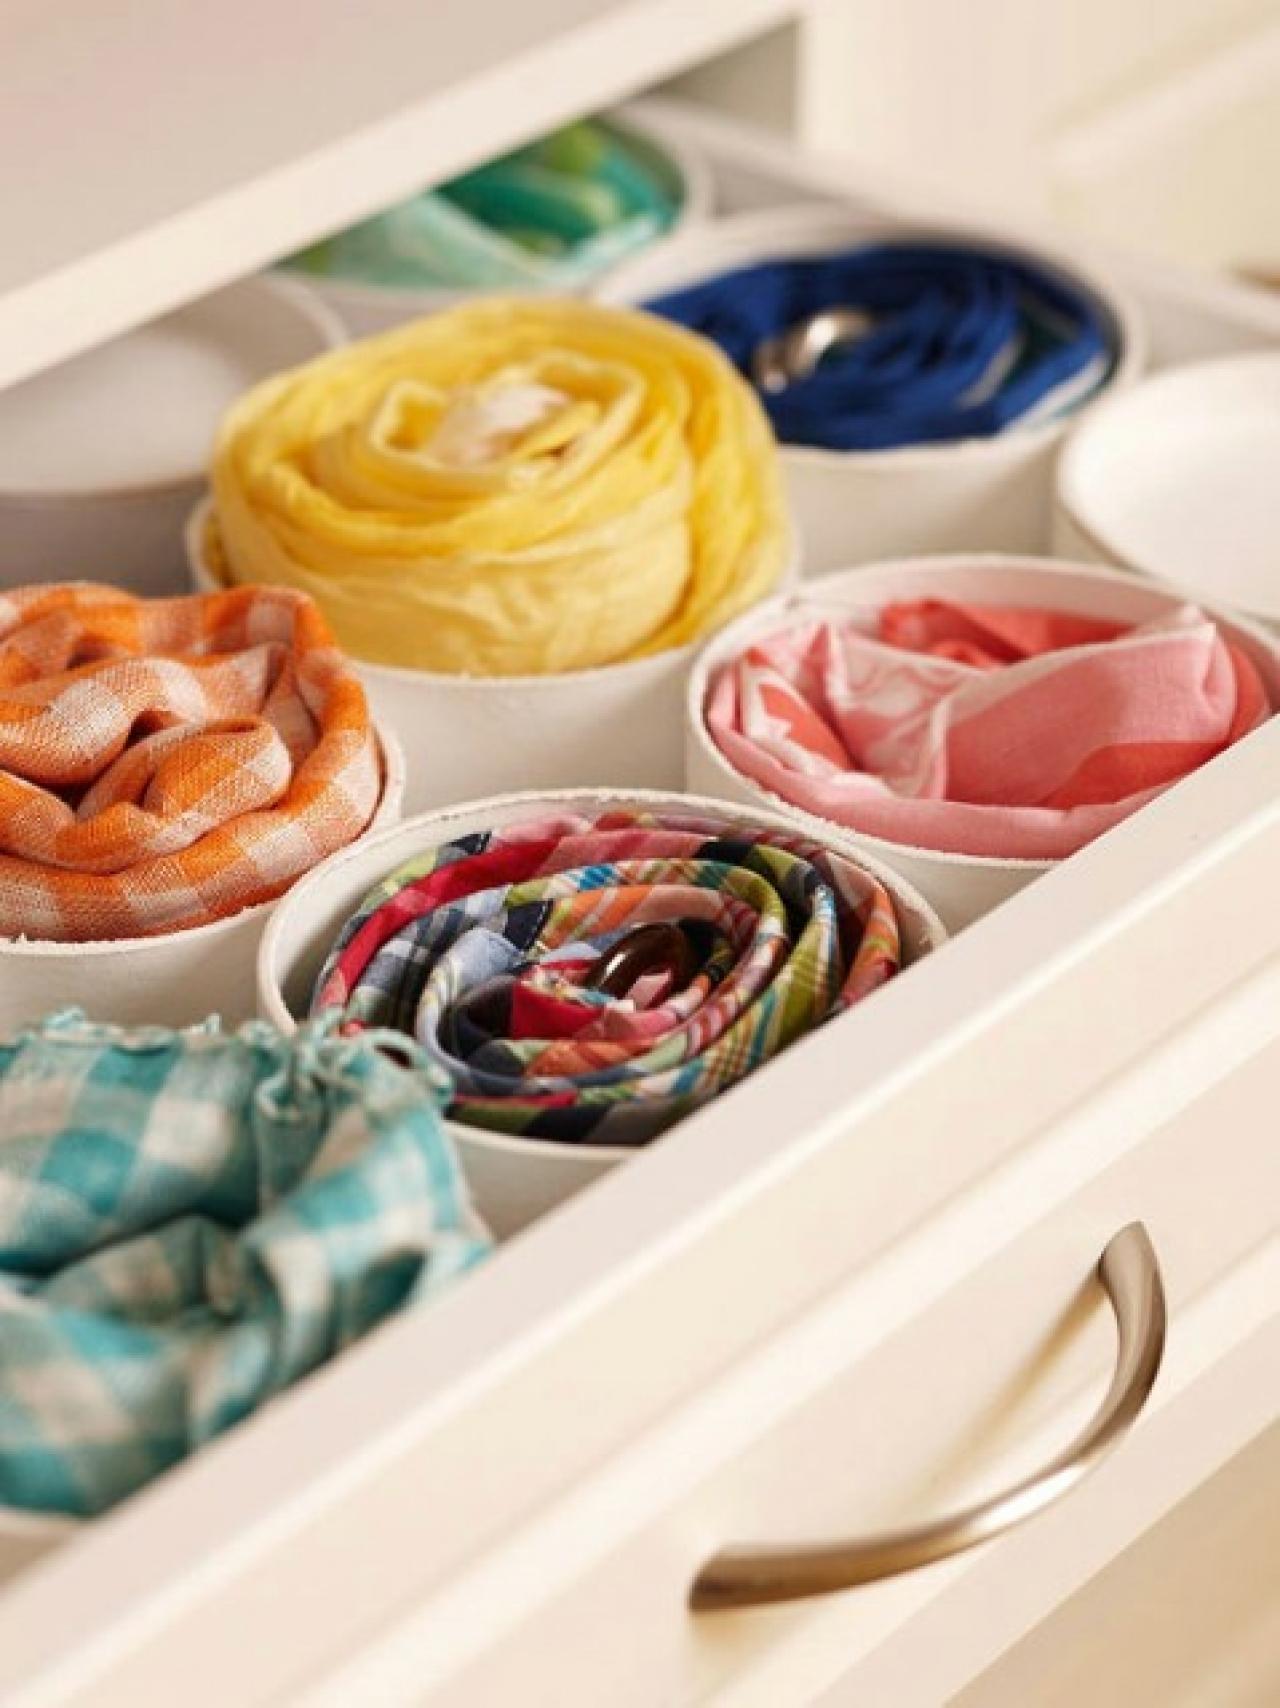 Coloca En Tu Cajón Recipientes Circulares Para Tus Accesorios, Bufandas,  Pañuelos O Cinturones.